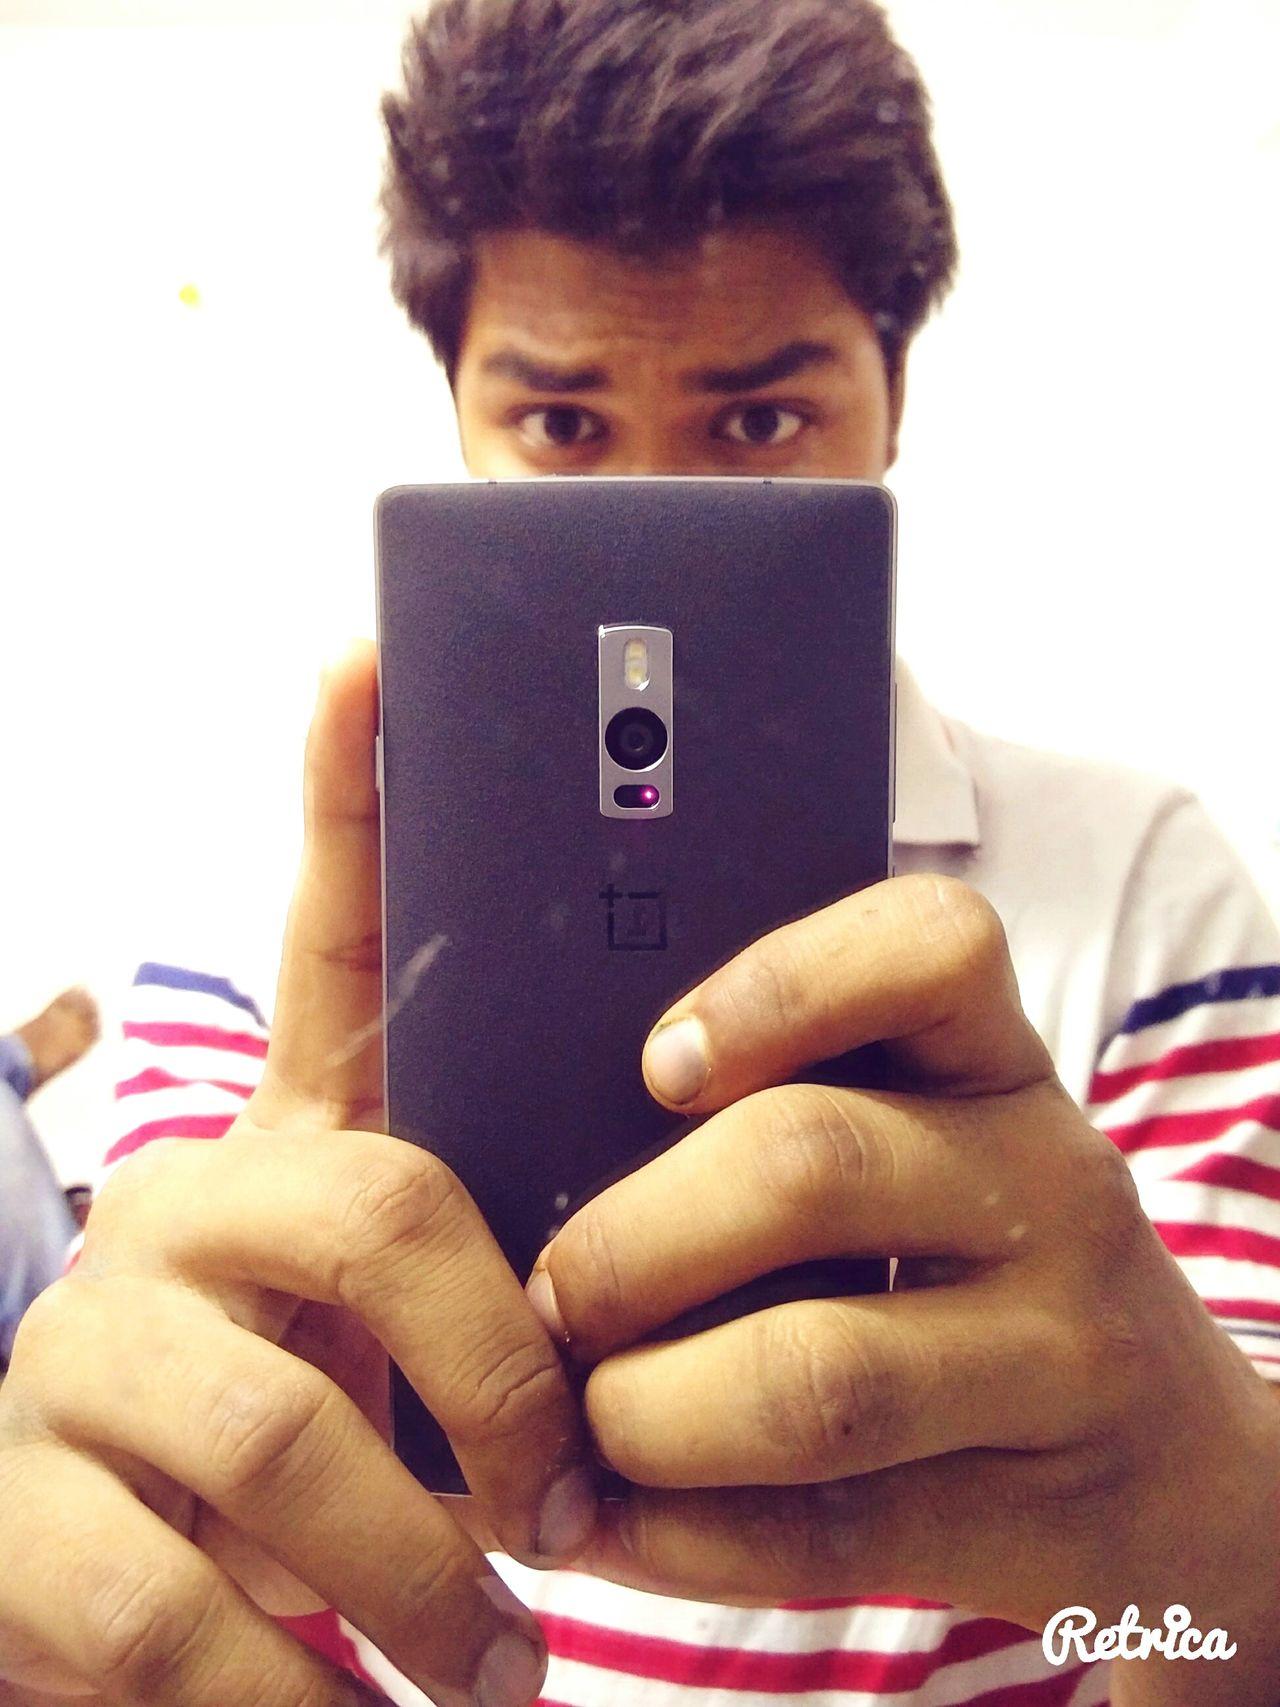 Selfie_overloaded